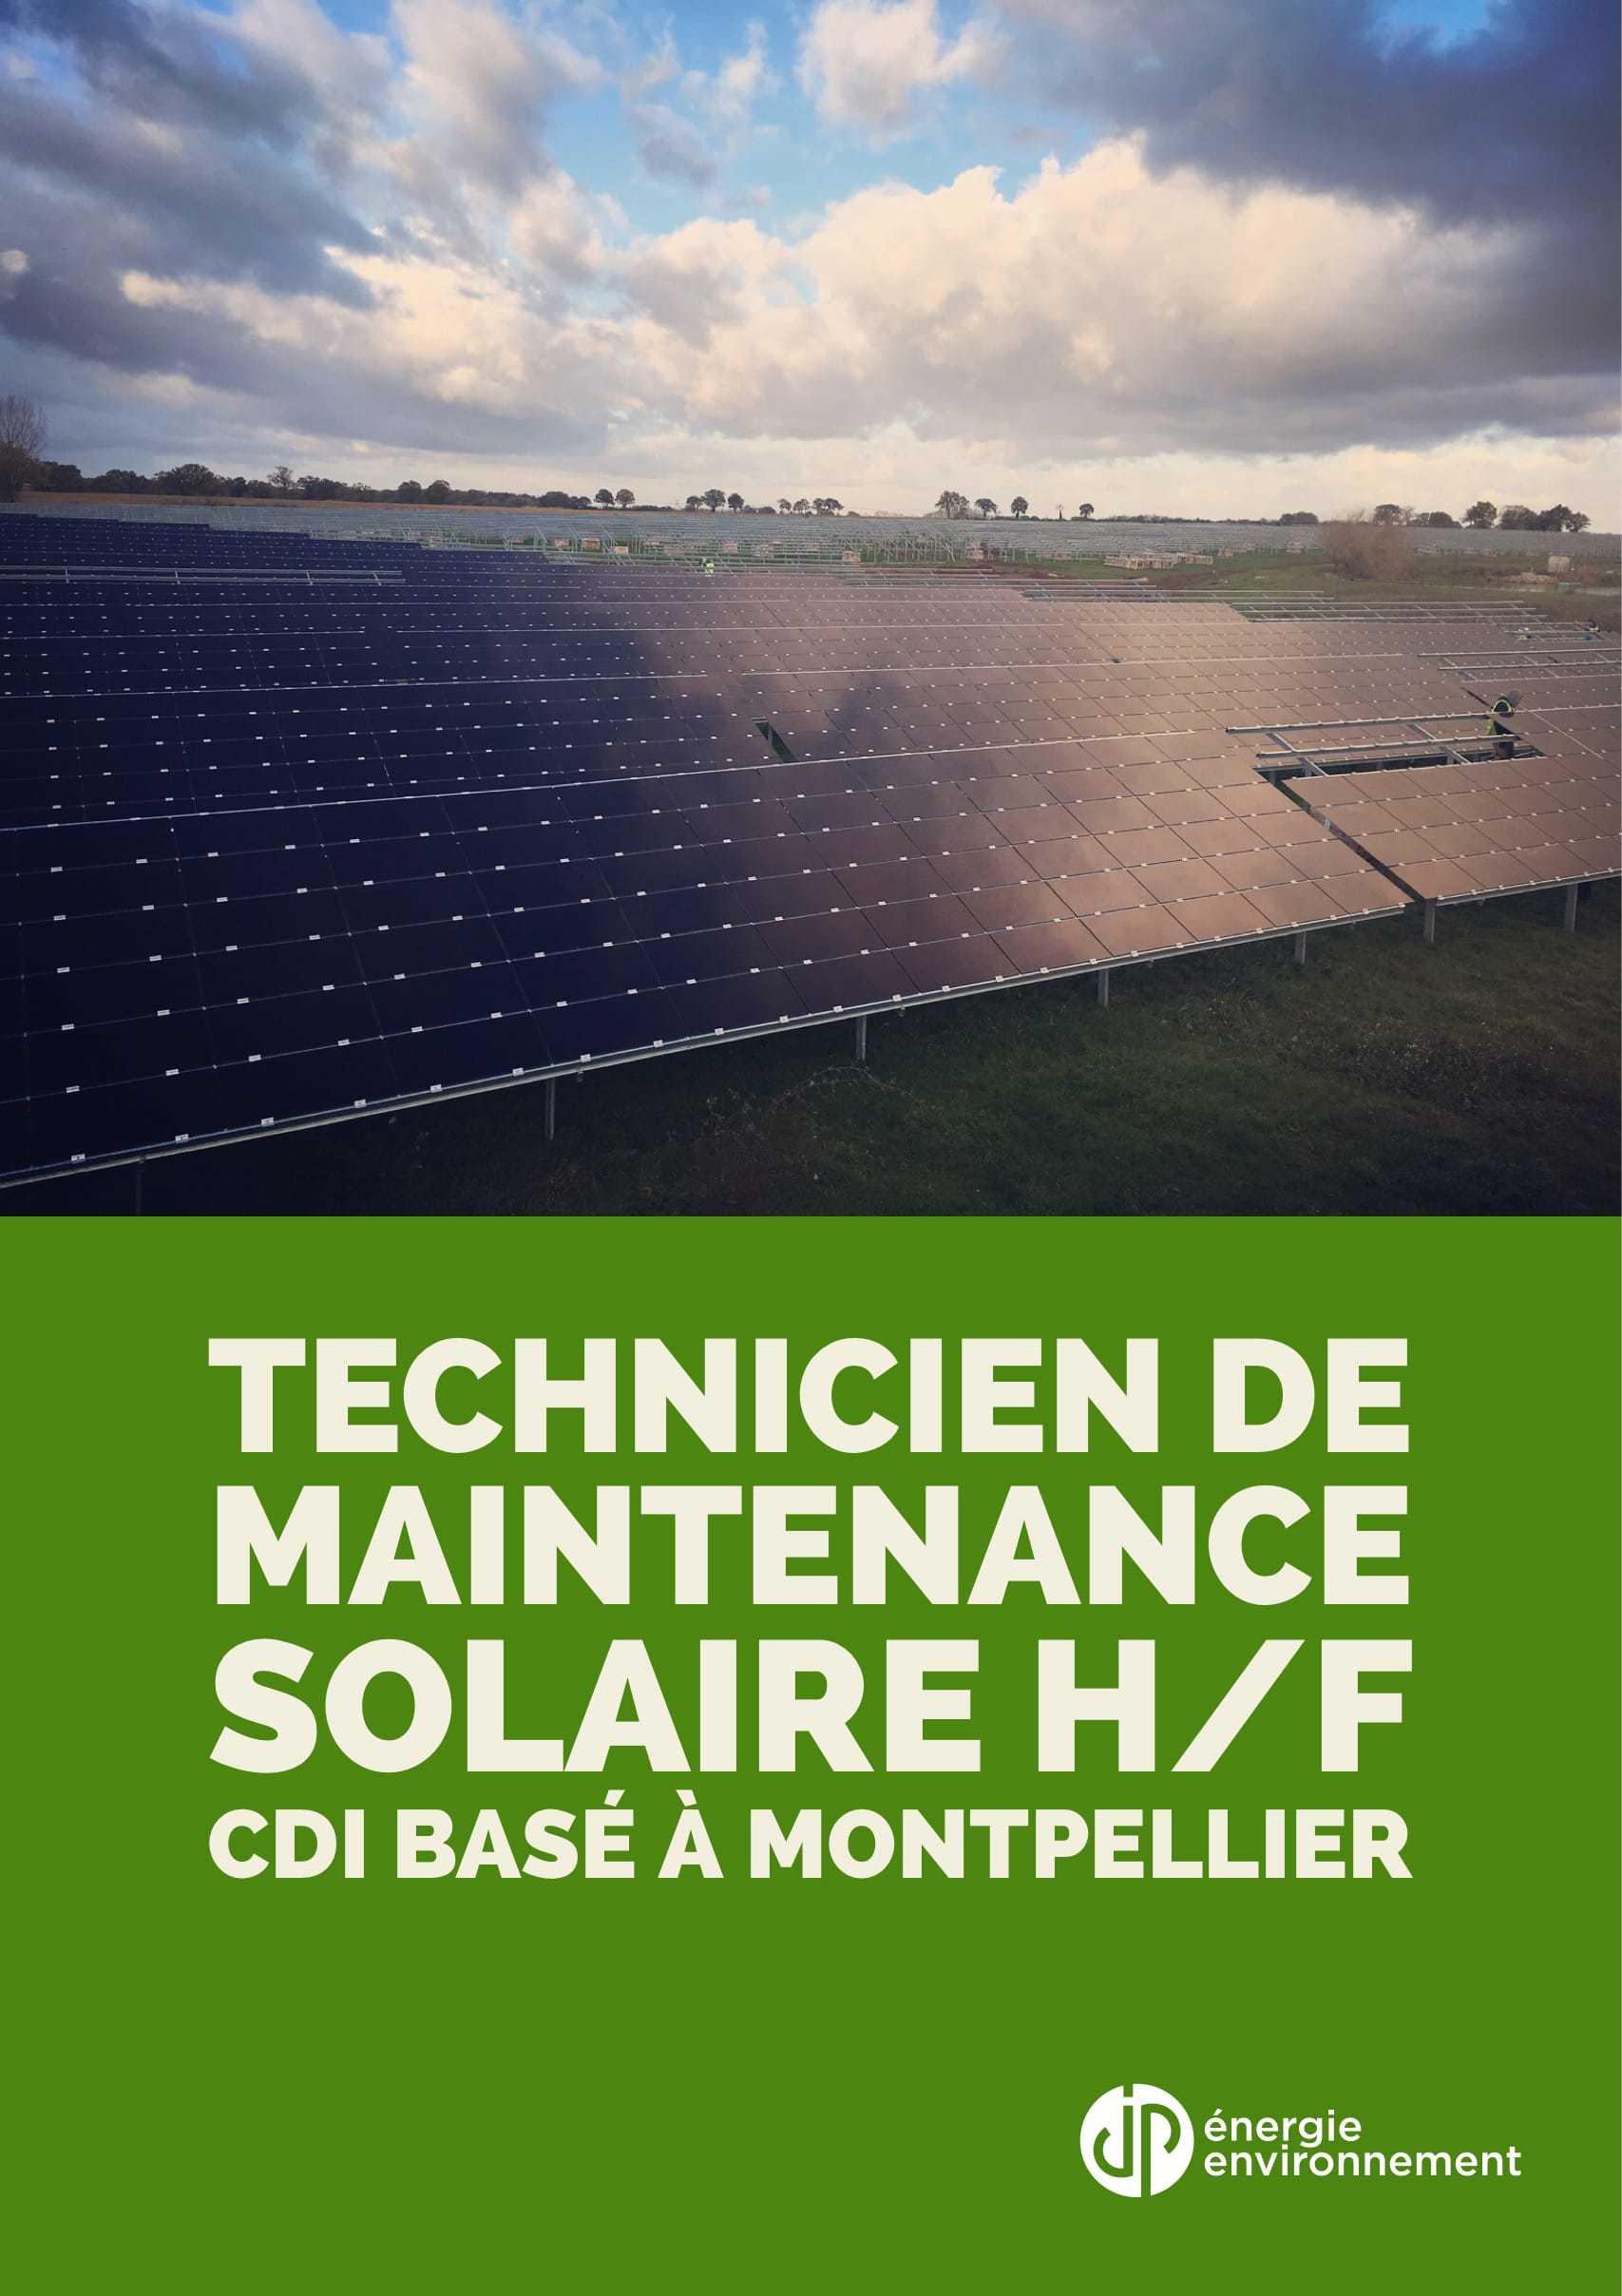 [JOB] CDI -Technicien de maintenance solaire H/F Montpellier